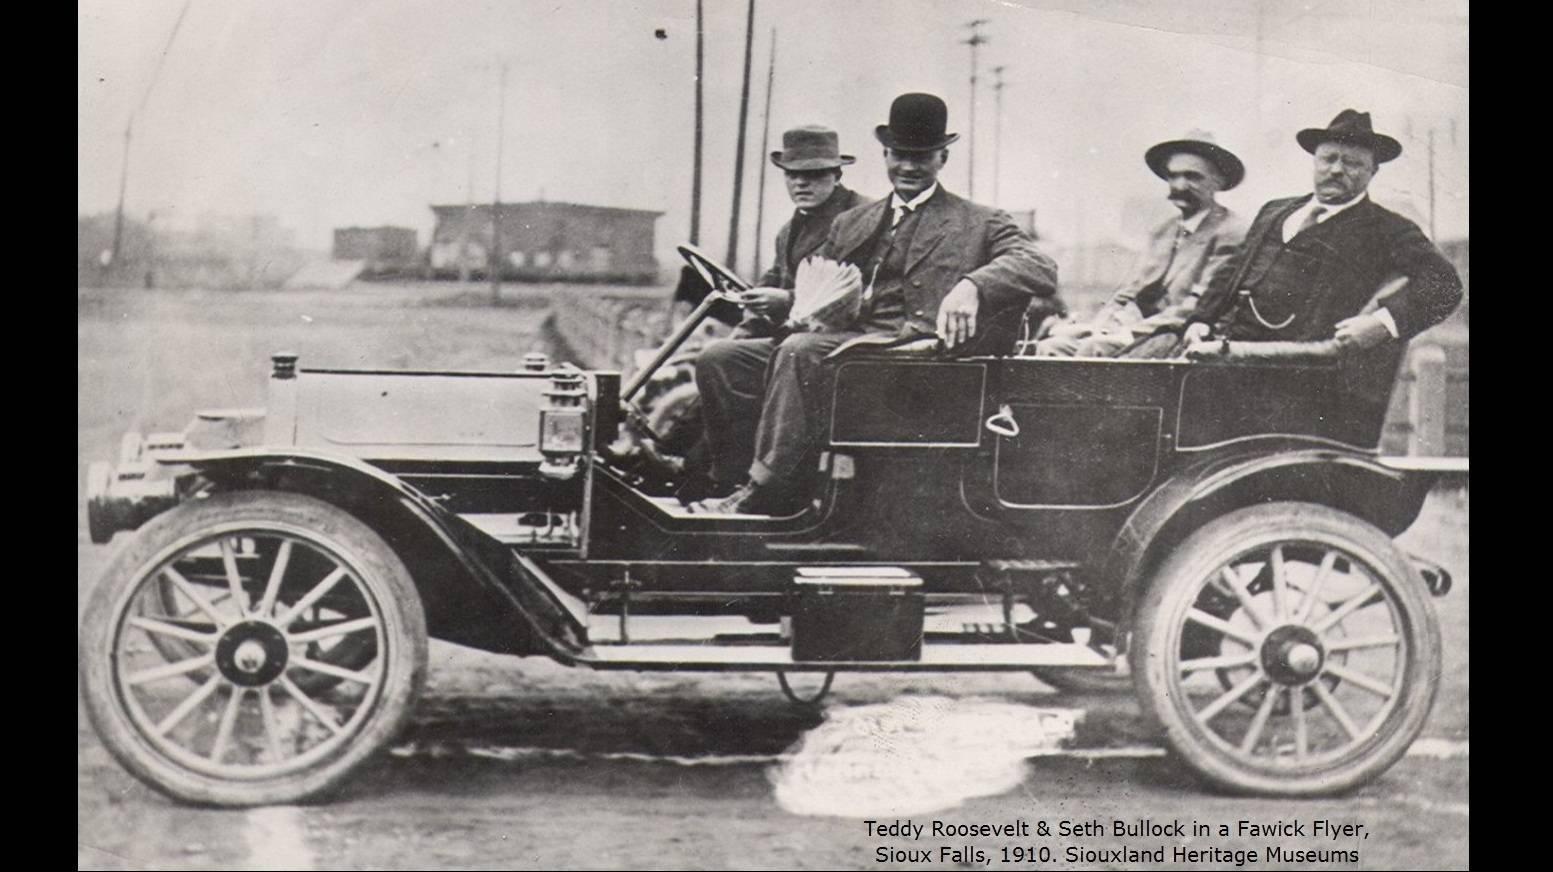 Teddy Roosevelt & Seth Bullock in a Fawick Flyer